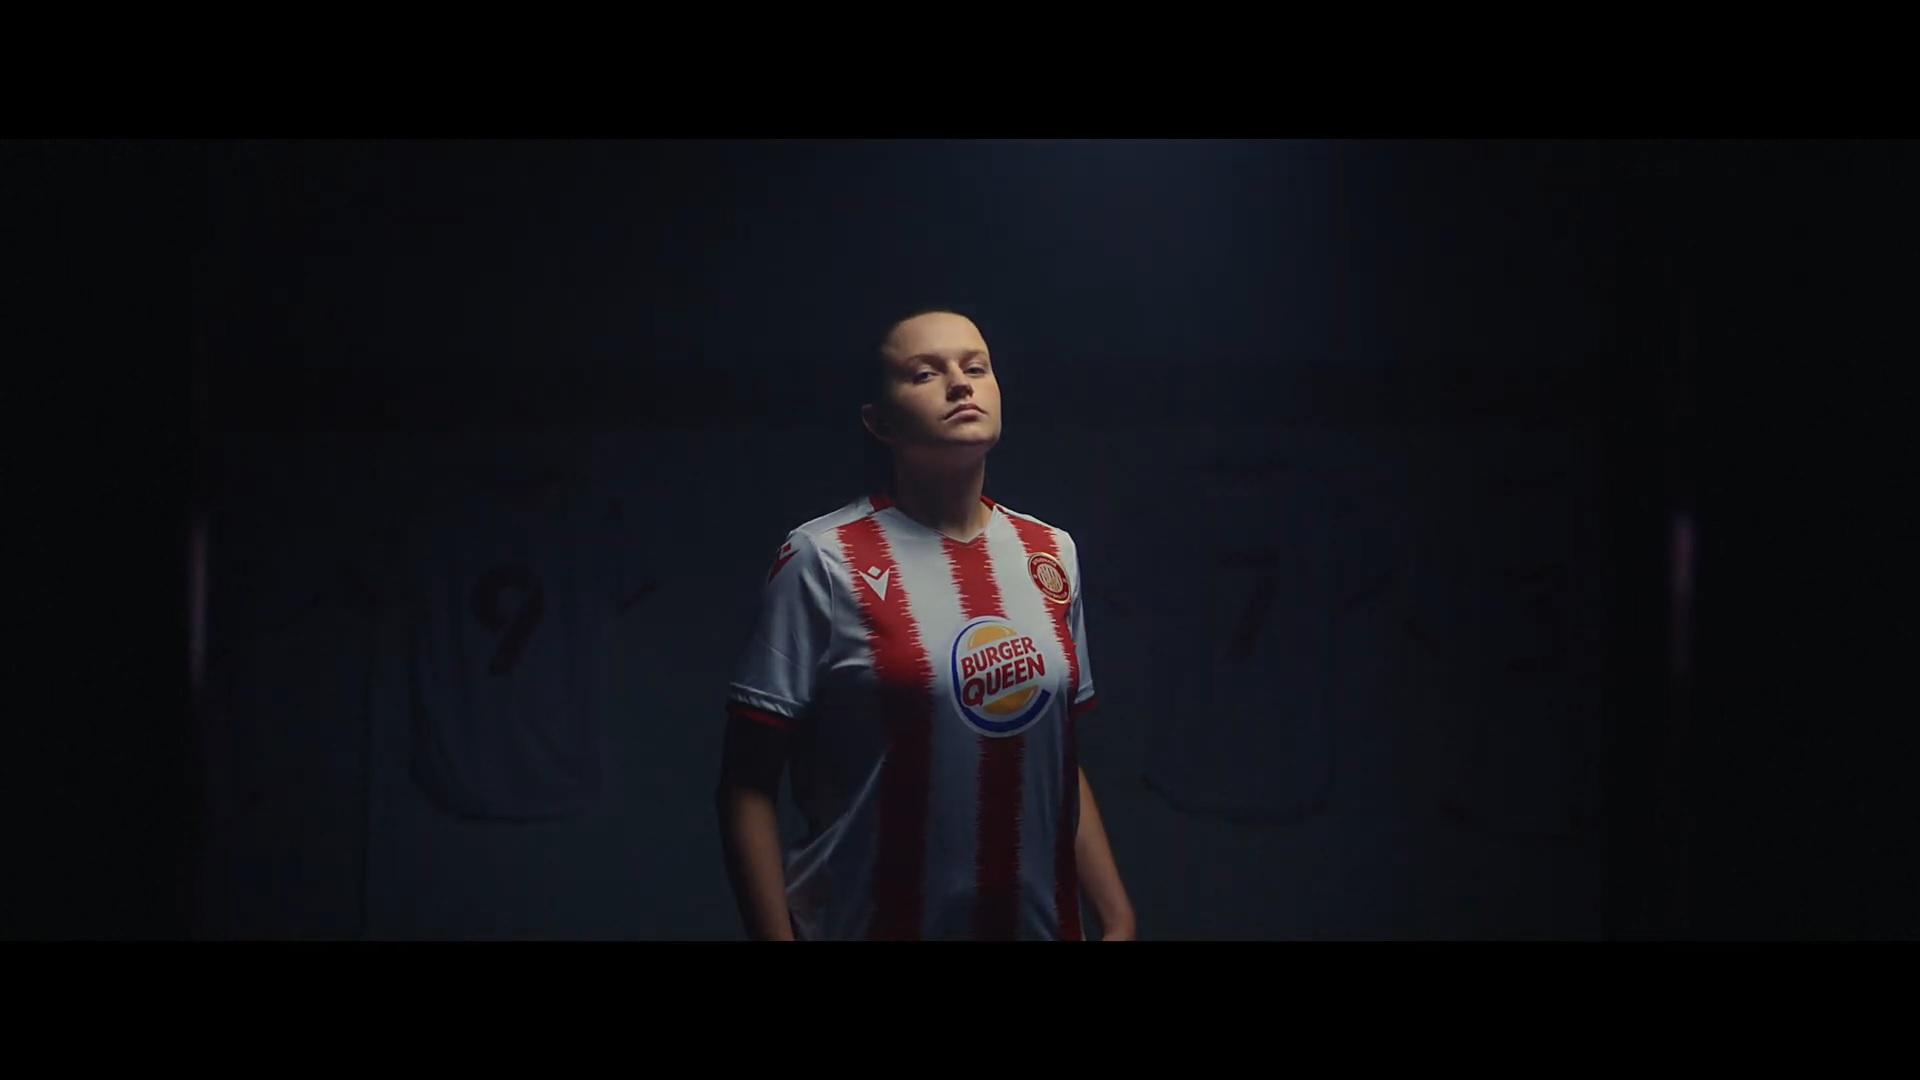 Burger King, Kadın Futbol Takımı Sponsorluğu İçin Adını Değiştirdi